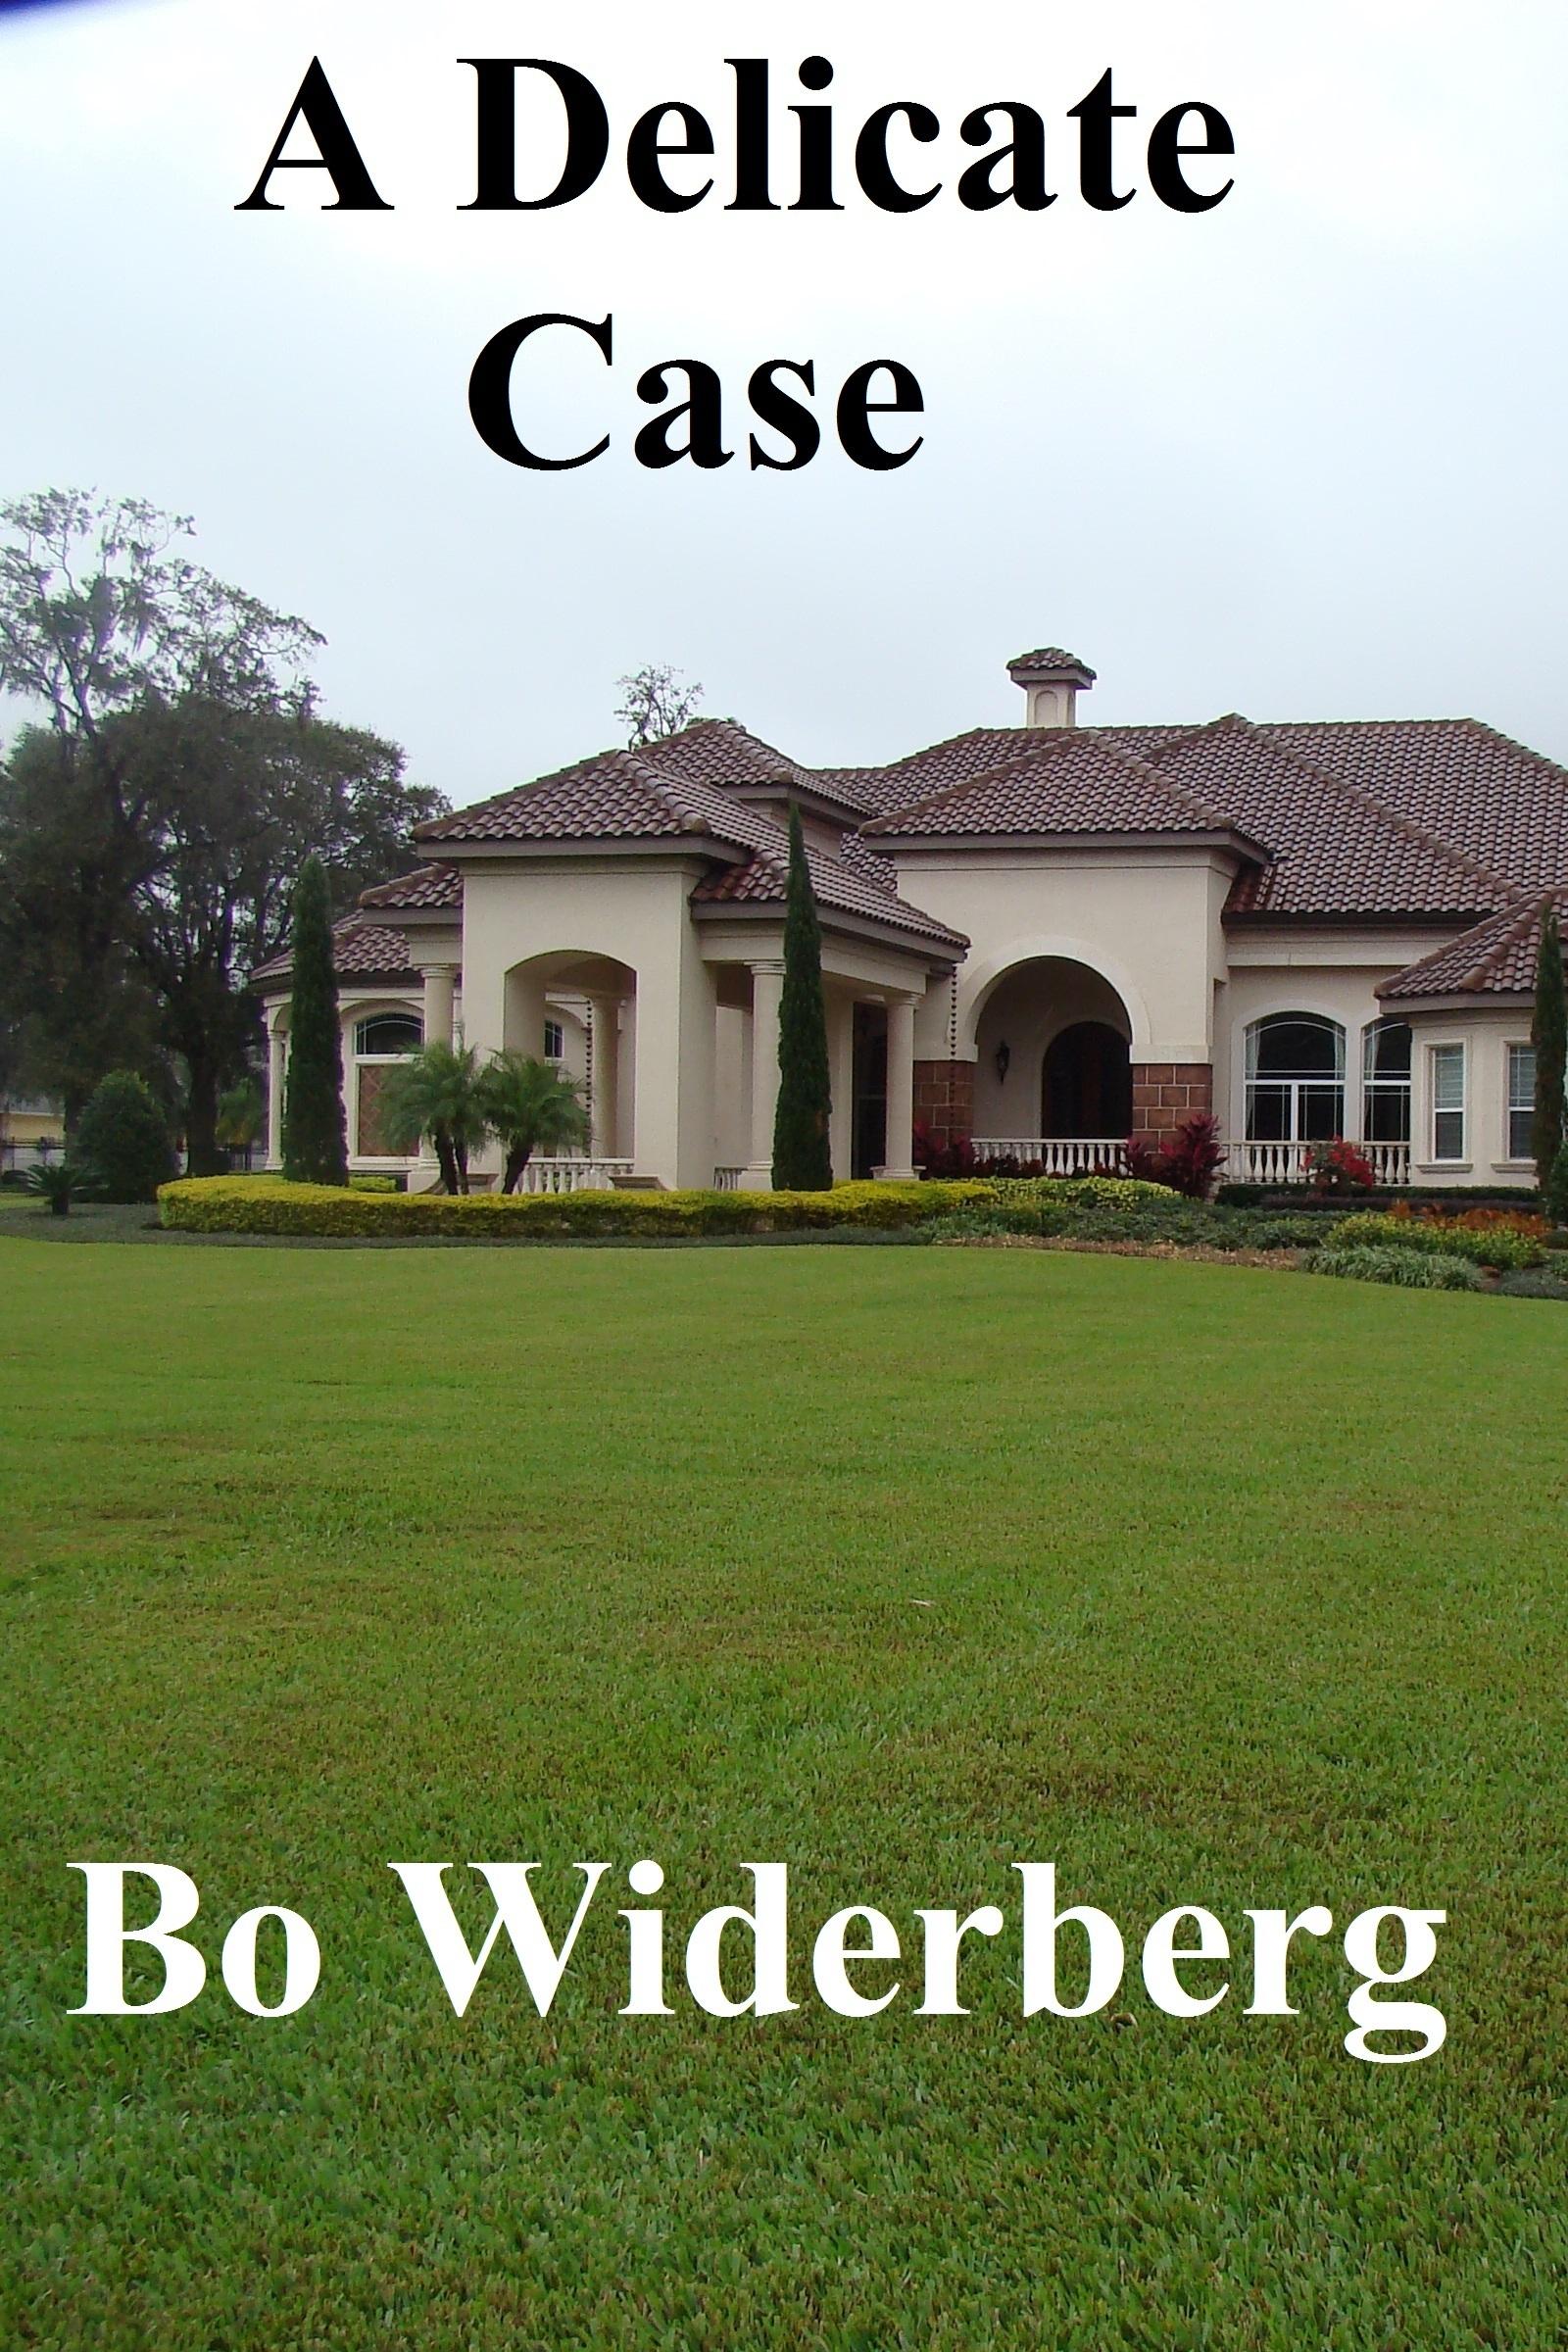 A Delicate Case  by  Bo Widerberg